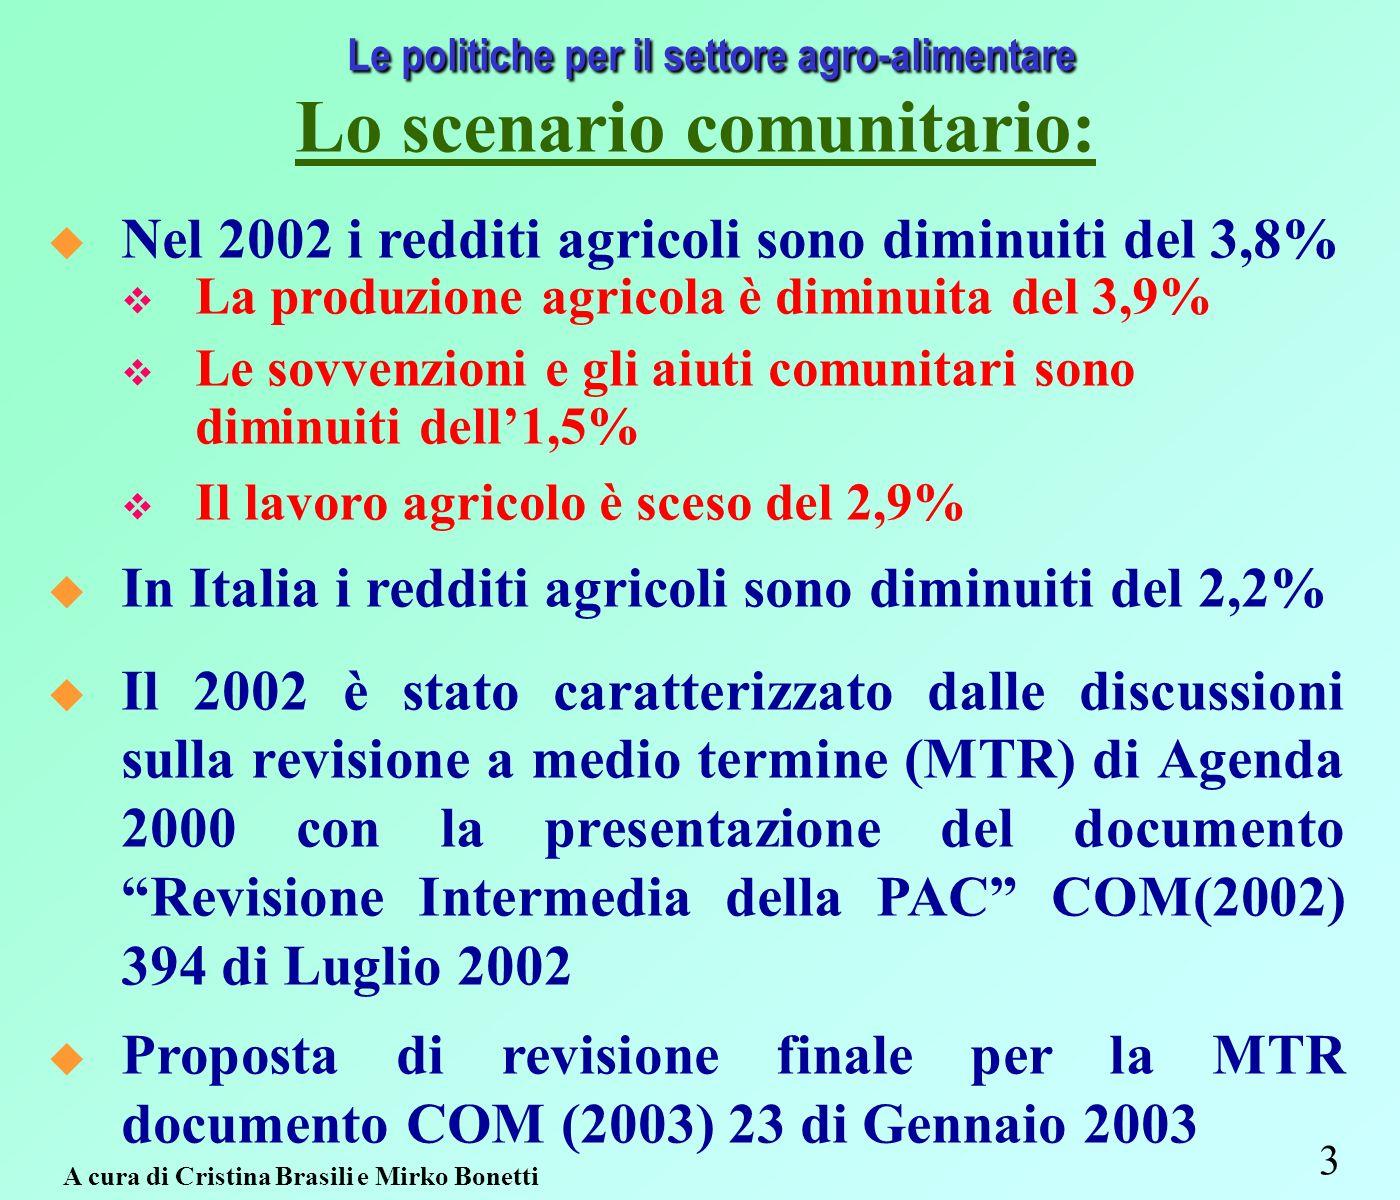 3 Le politiche per il settore agro-alimentare Lo scenario comunitario: Nel 2002 i redditi agricoli sono diminuiti del 3,8% La produzione agricola è diminuita del 3,9% Le sovvenzioni e gli aiuti comunitari sono diminuiti dell1,5% Il lavoro agricolo è sceso del 2,9% In Italia i redditi agricoli sono diminuiti del 2,2% Il 2002 è stato caratterizzato dalle discussioni sulla revisione a medio termine (MTR) di Agenda 2000 con la presentazione del documento Revisione Intermedia della PAC COM(2002) 394 di Luglio 2002 Proposta di revisione finale per la MTR documento COM (2003) 23 di Gennaio 2003 A cura di Cristina Brasili e Mirko Bonetti